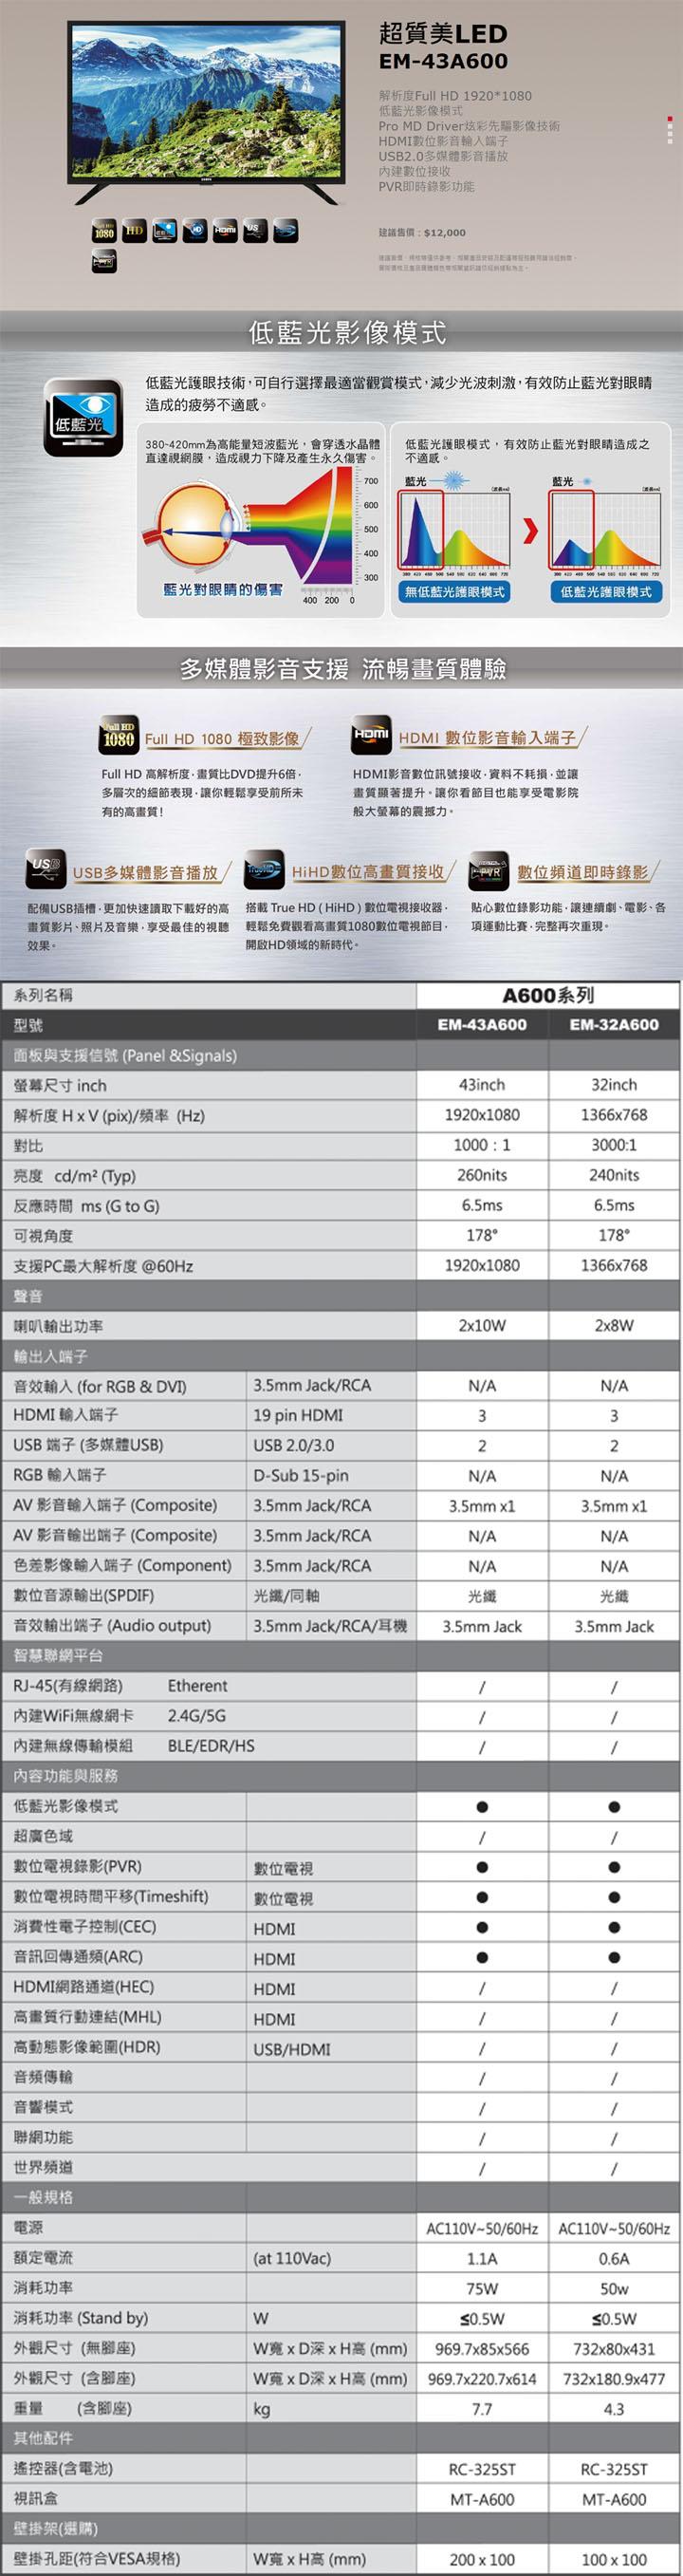 SAMPO_EM-43A600_spec.jpg